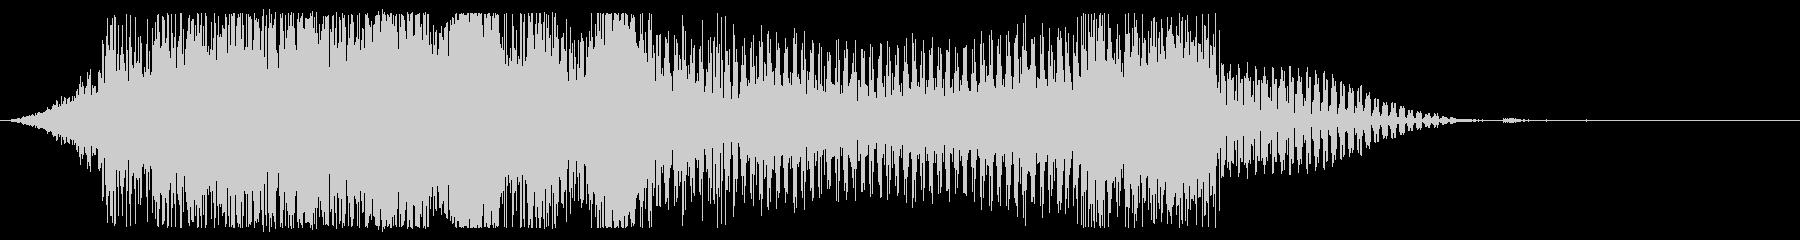 オープニングシェル、電子バウンス、共鳴の未再生の波形